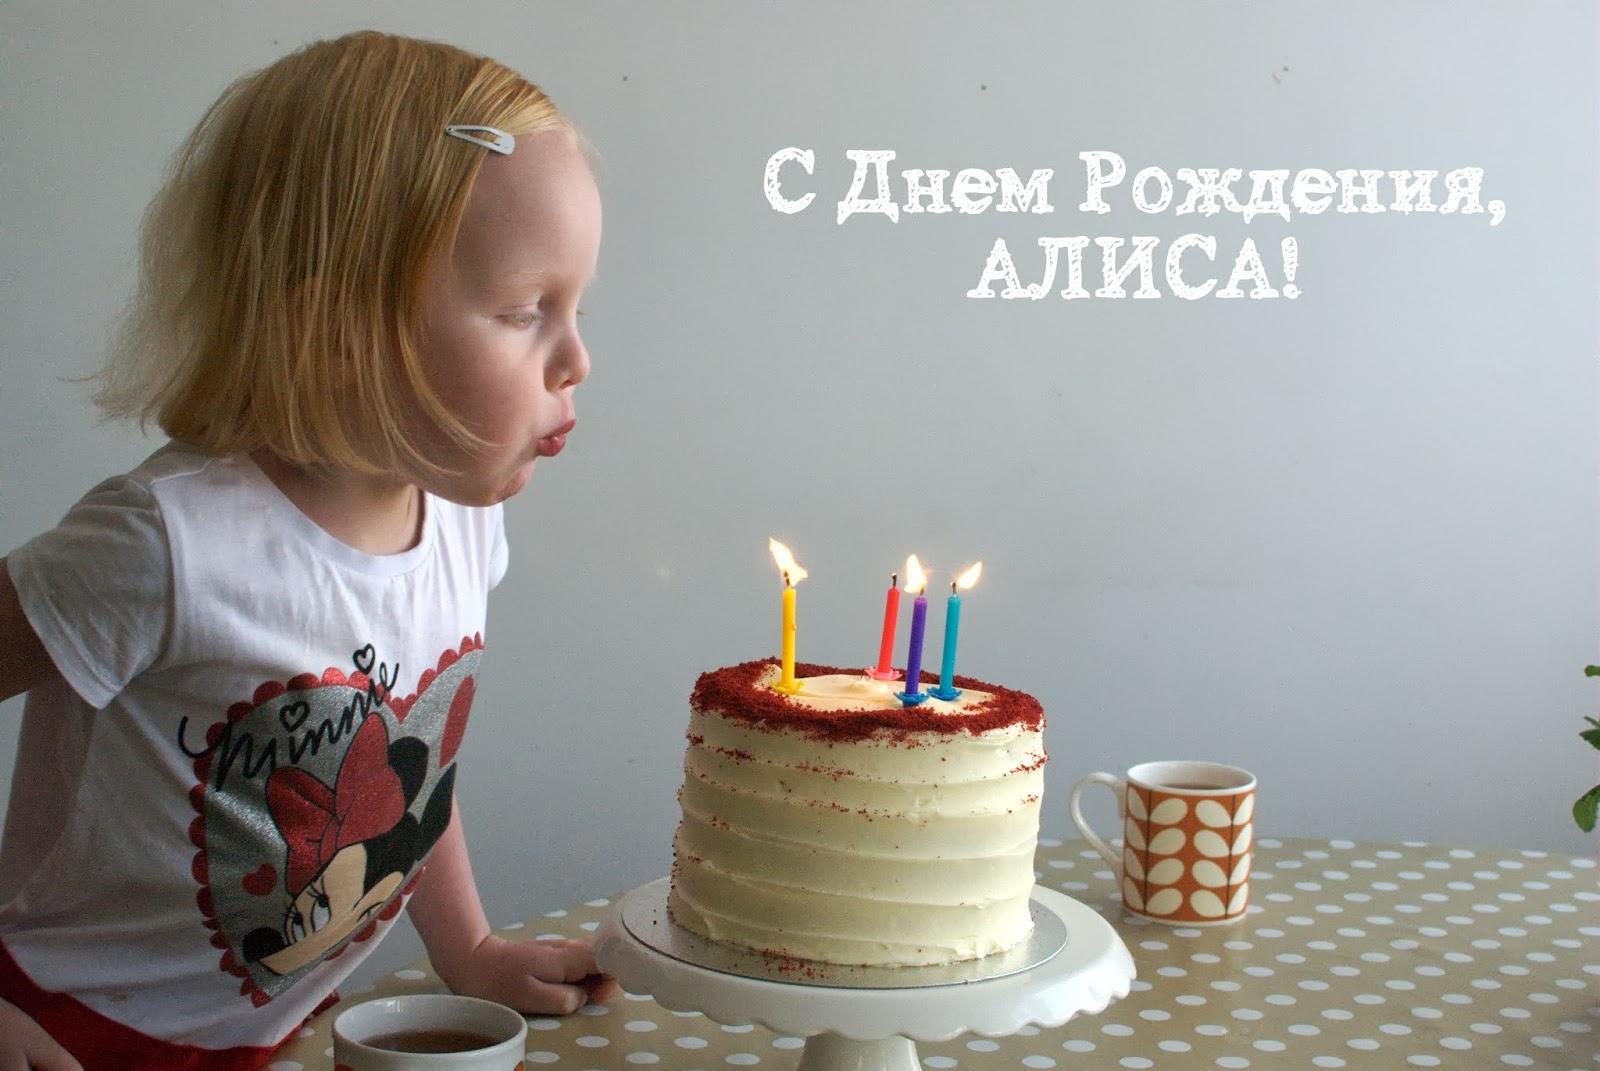 Алиса с днем рождения поздравления